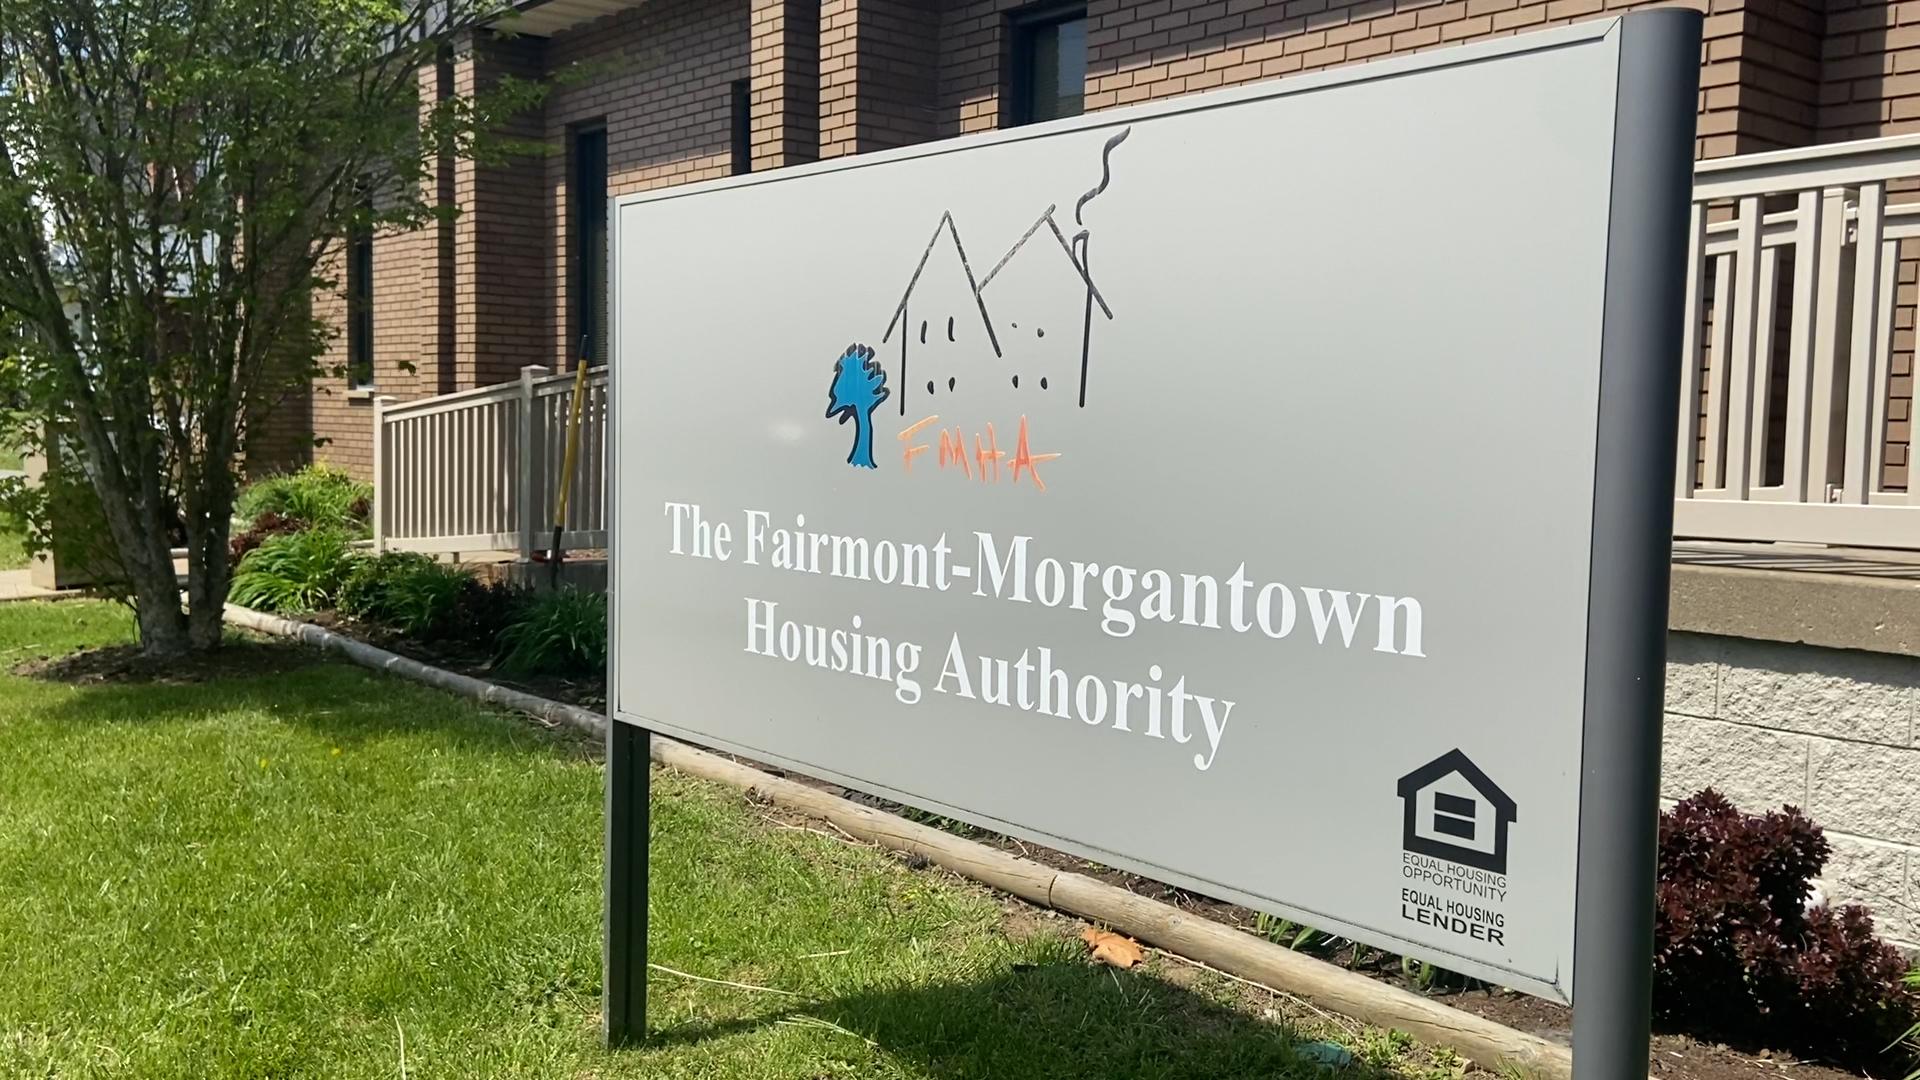 Fairmont-Morgantown Housing Authority